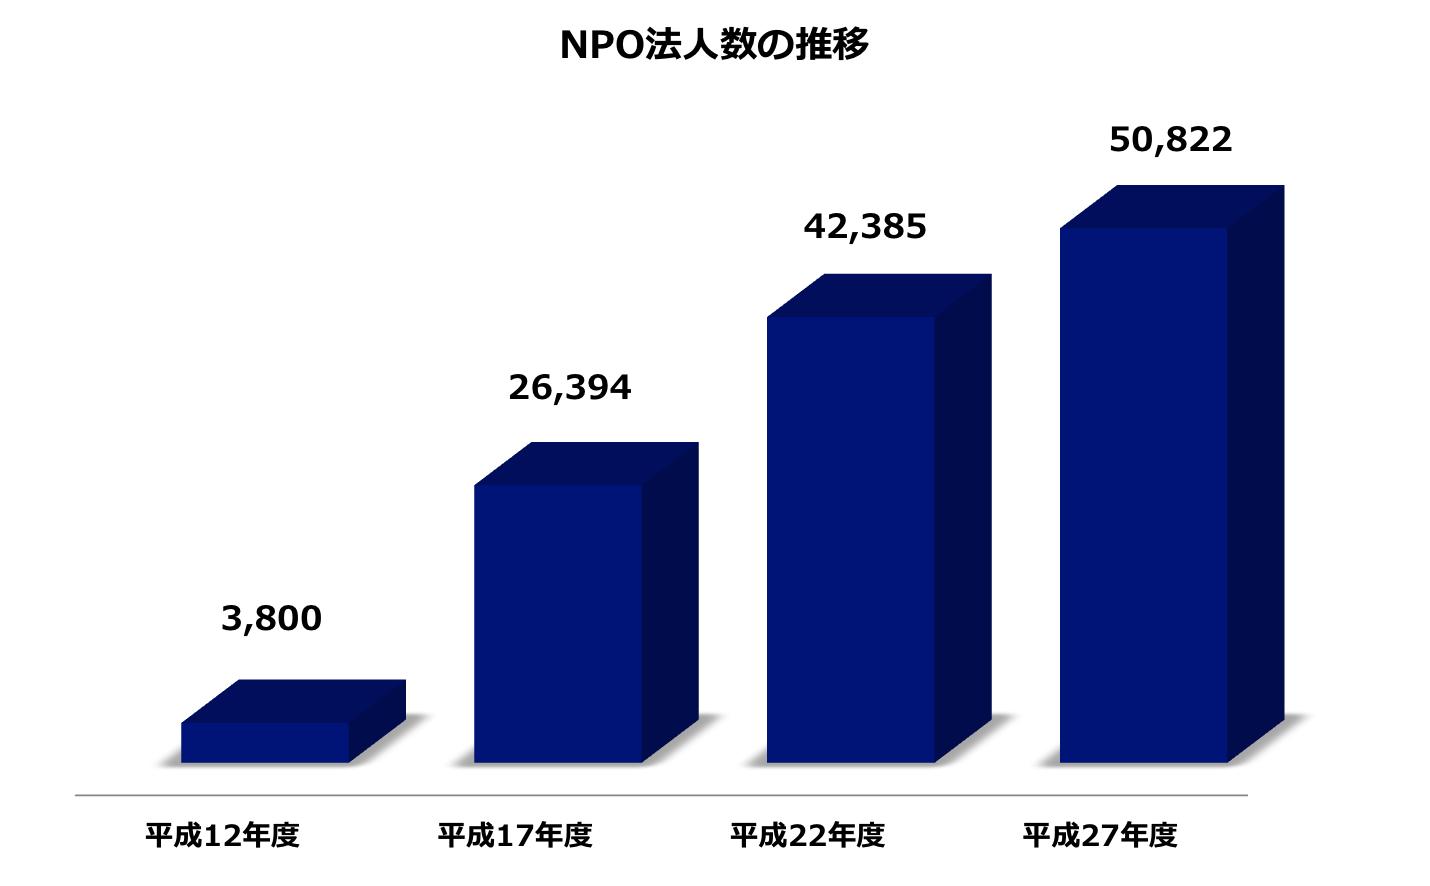 NPO法人の数は、10年前から約2倍に増加している(内閣府のNPO統計情報より作成)